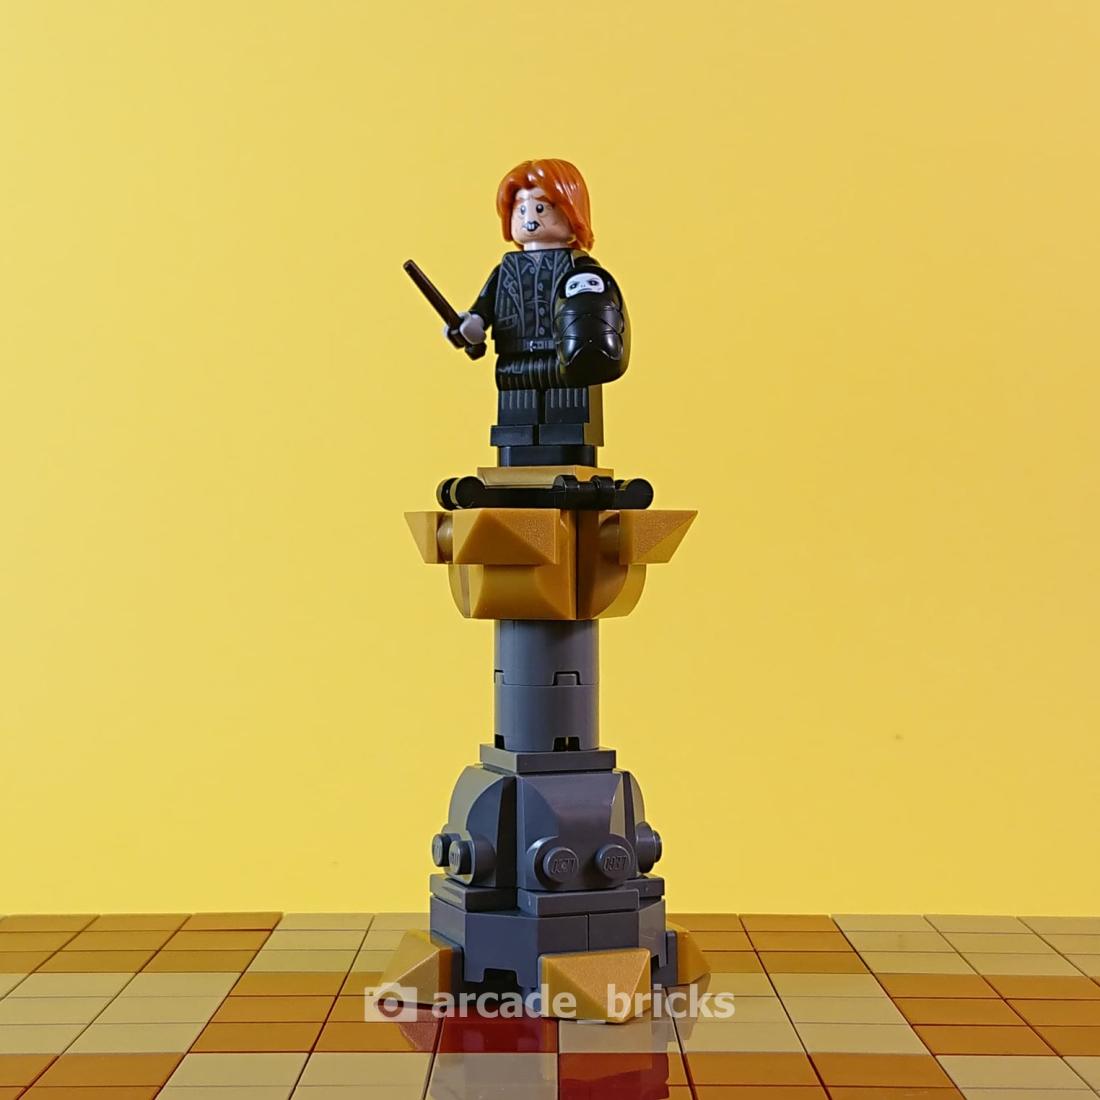 arcade_bricks_chess_evil_03_bishop